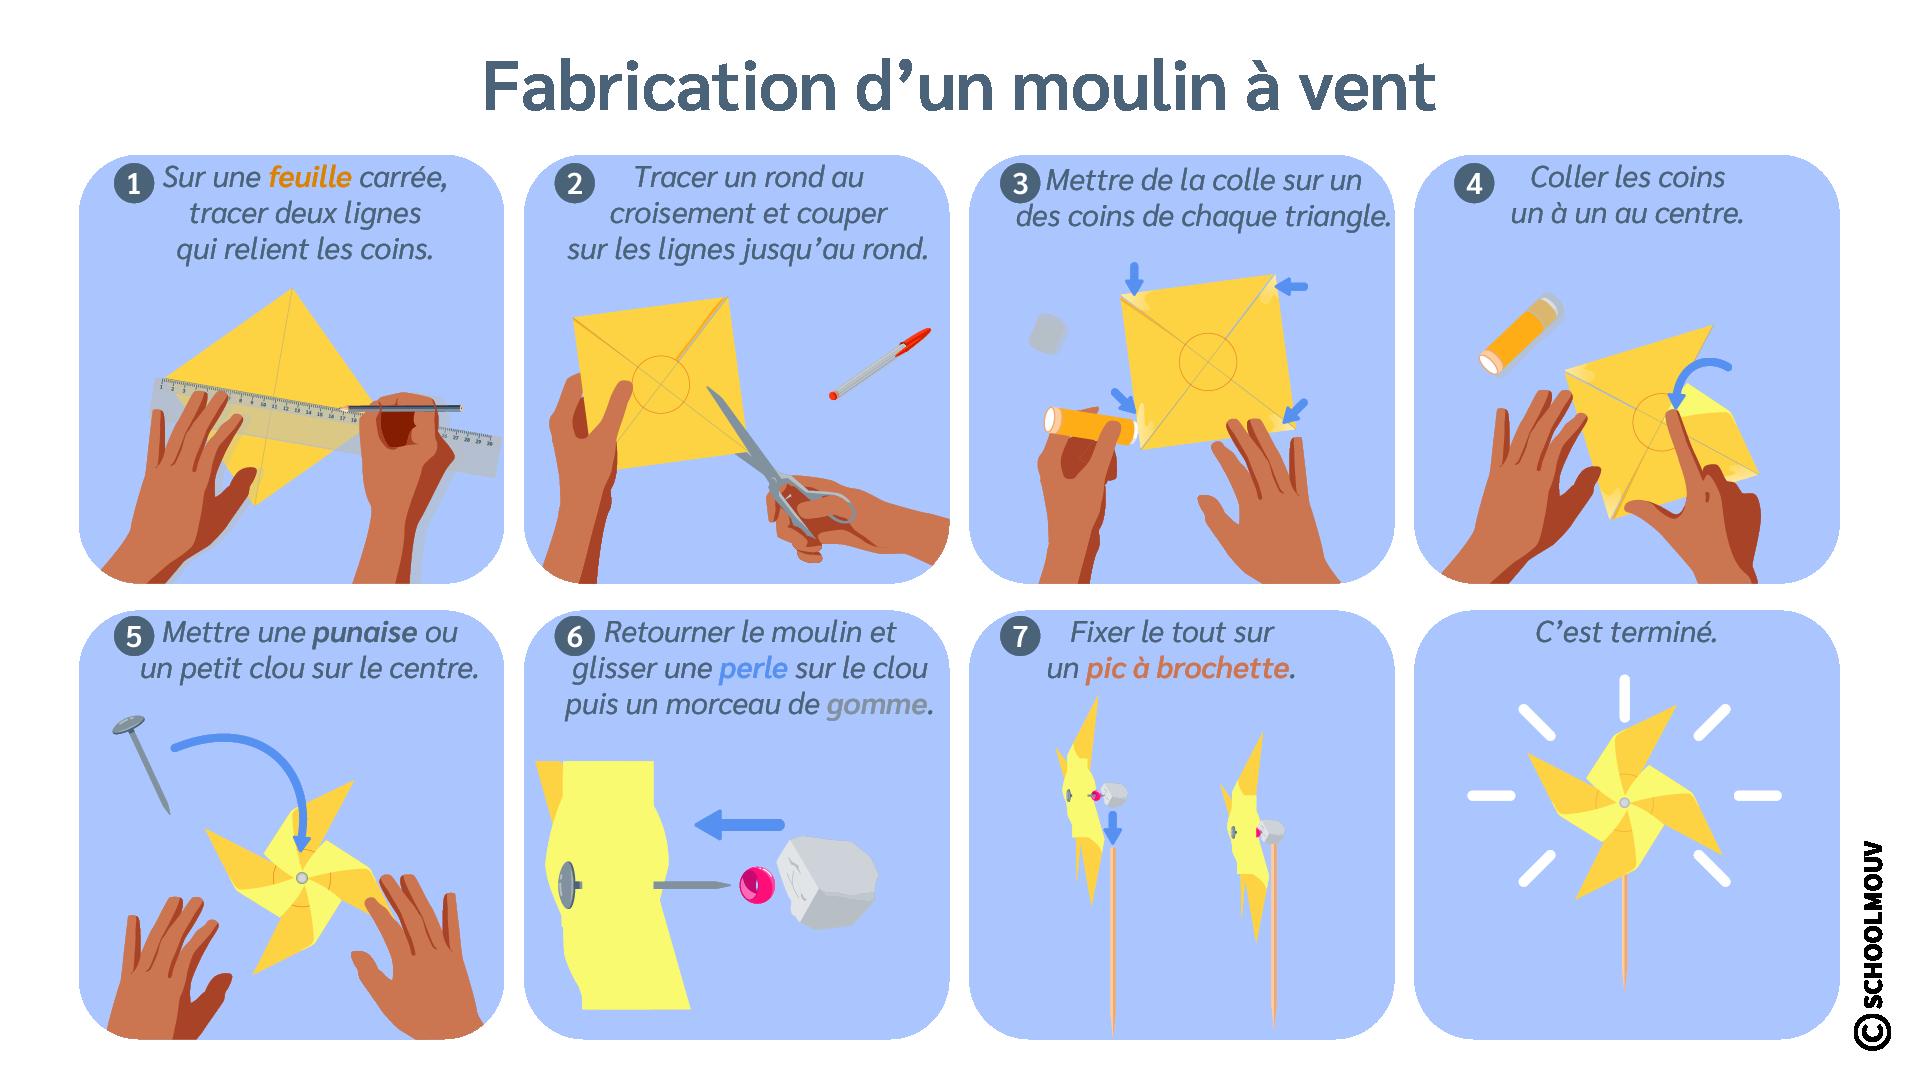 Guide - Protocole - Fabrication - Moulin à vent - Travaux pratiques - Collage - Découpage - SchoolMouv - Sciences - CE2